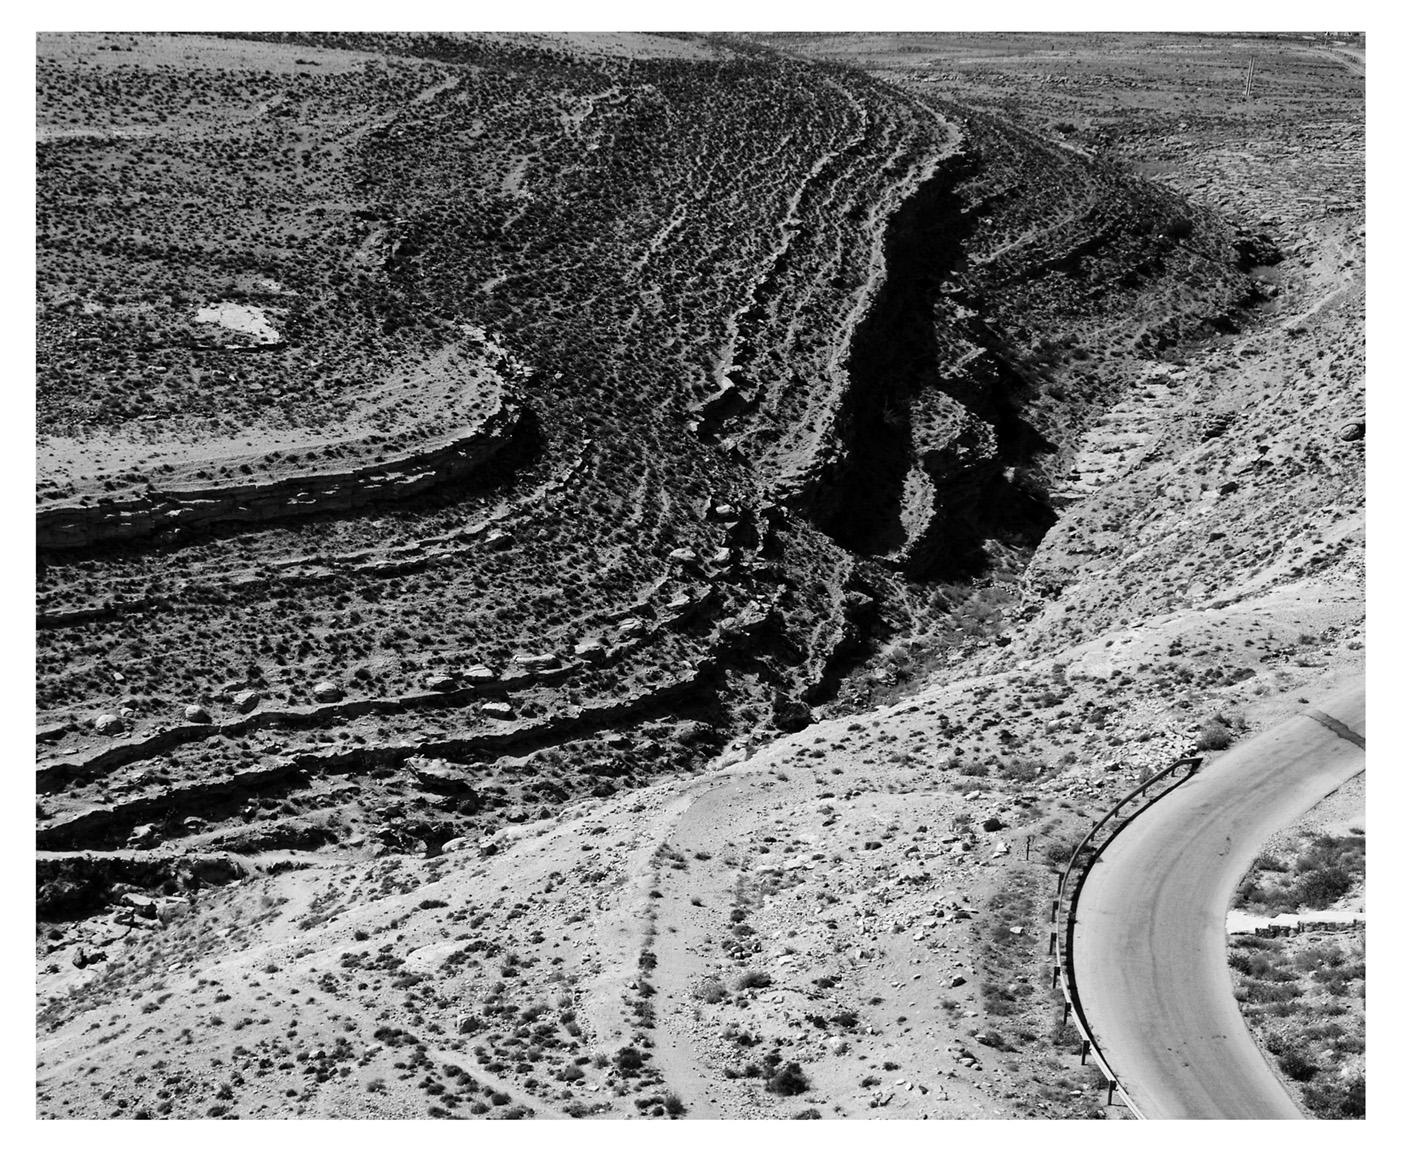 diversos caminhos - pela estrada tradicional ou pela aridez do deserto. Foto Dani Sandrini